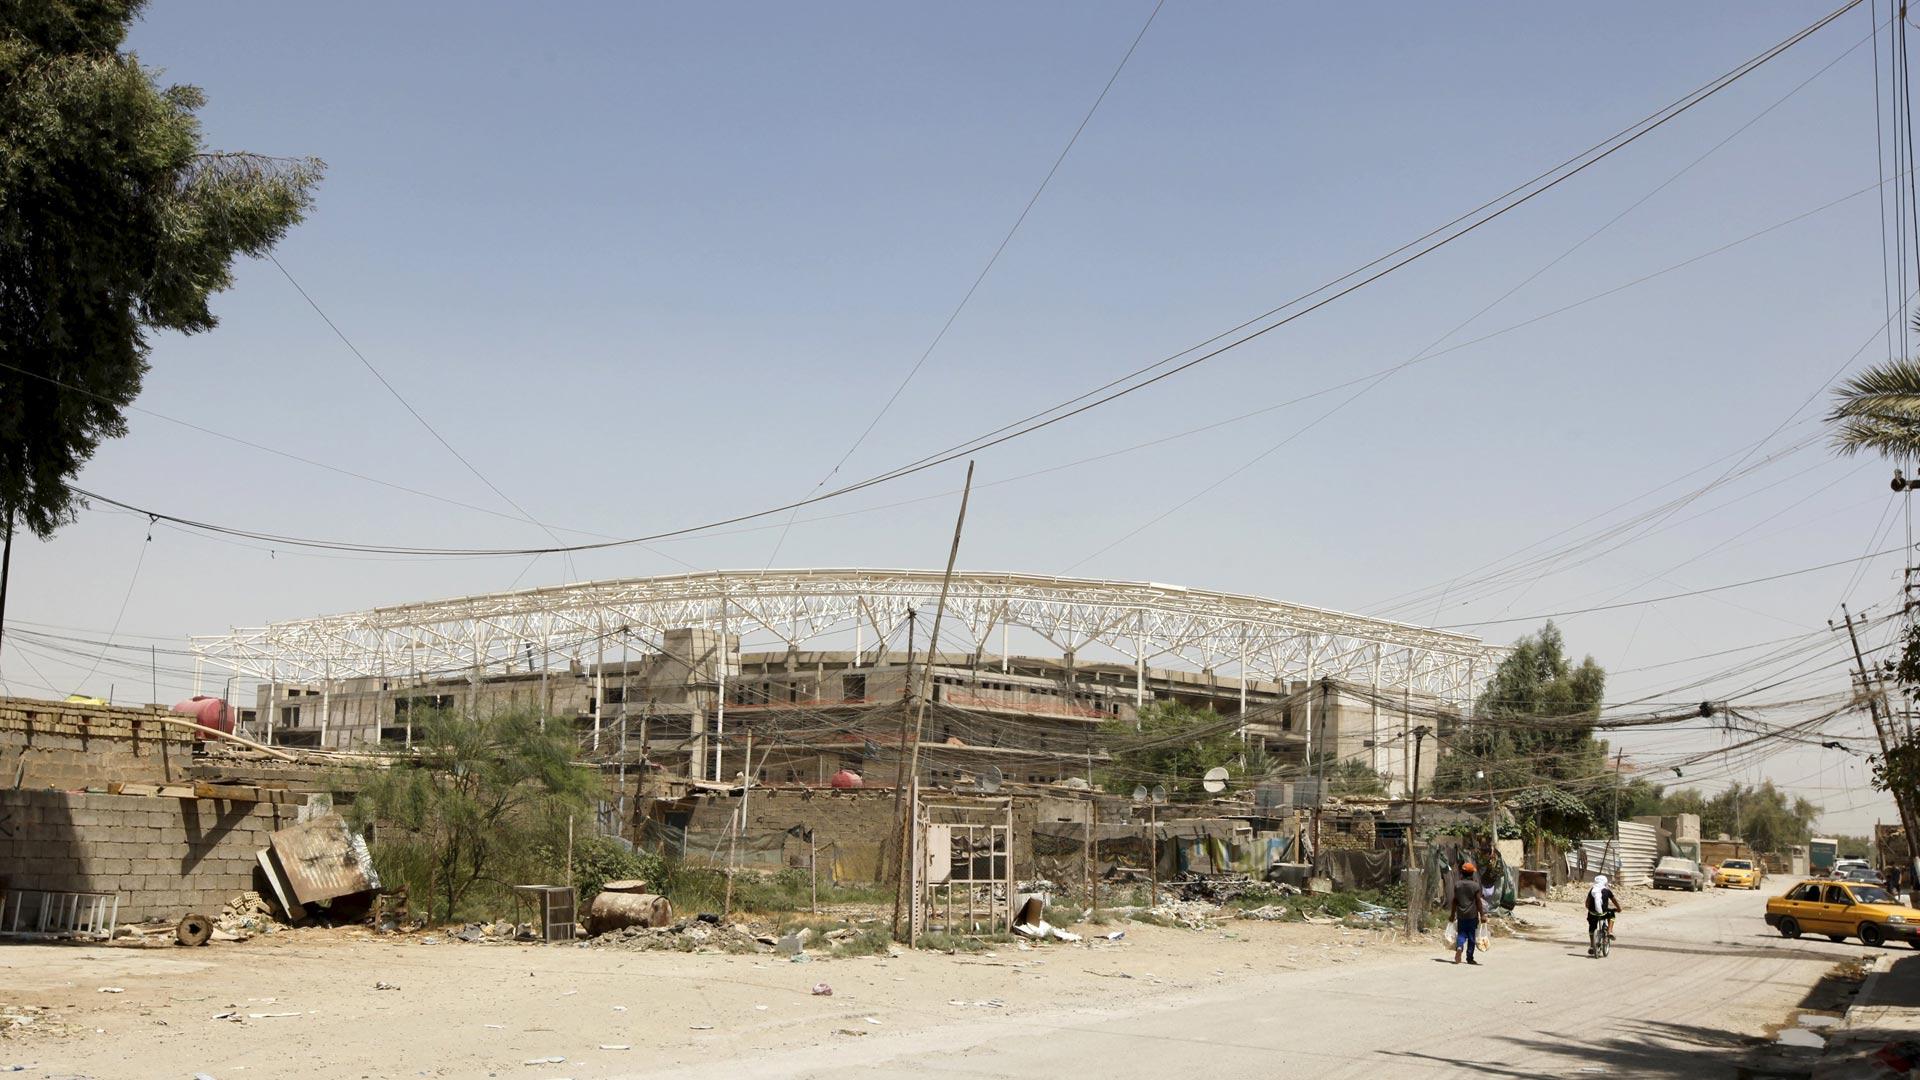 Todos trabajan en la construcción de un estado de fútbol en la capital de Irak